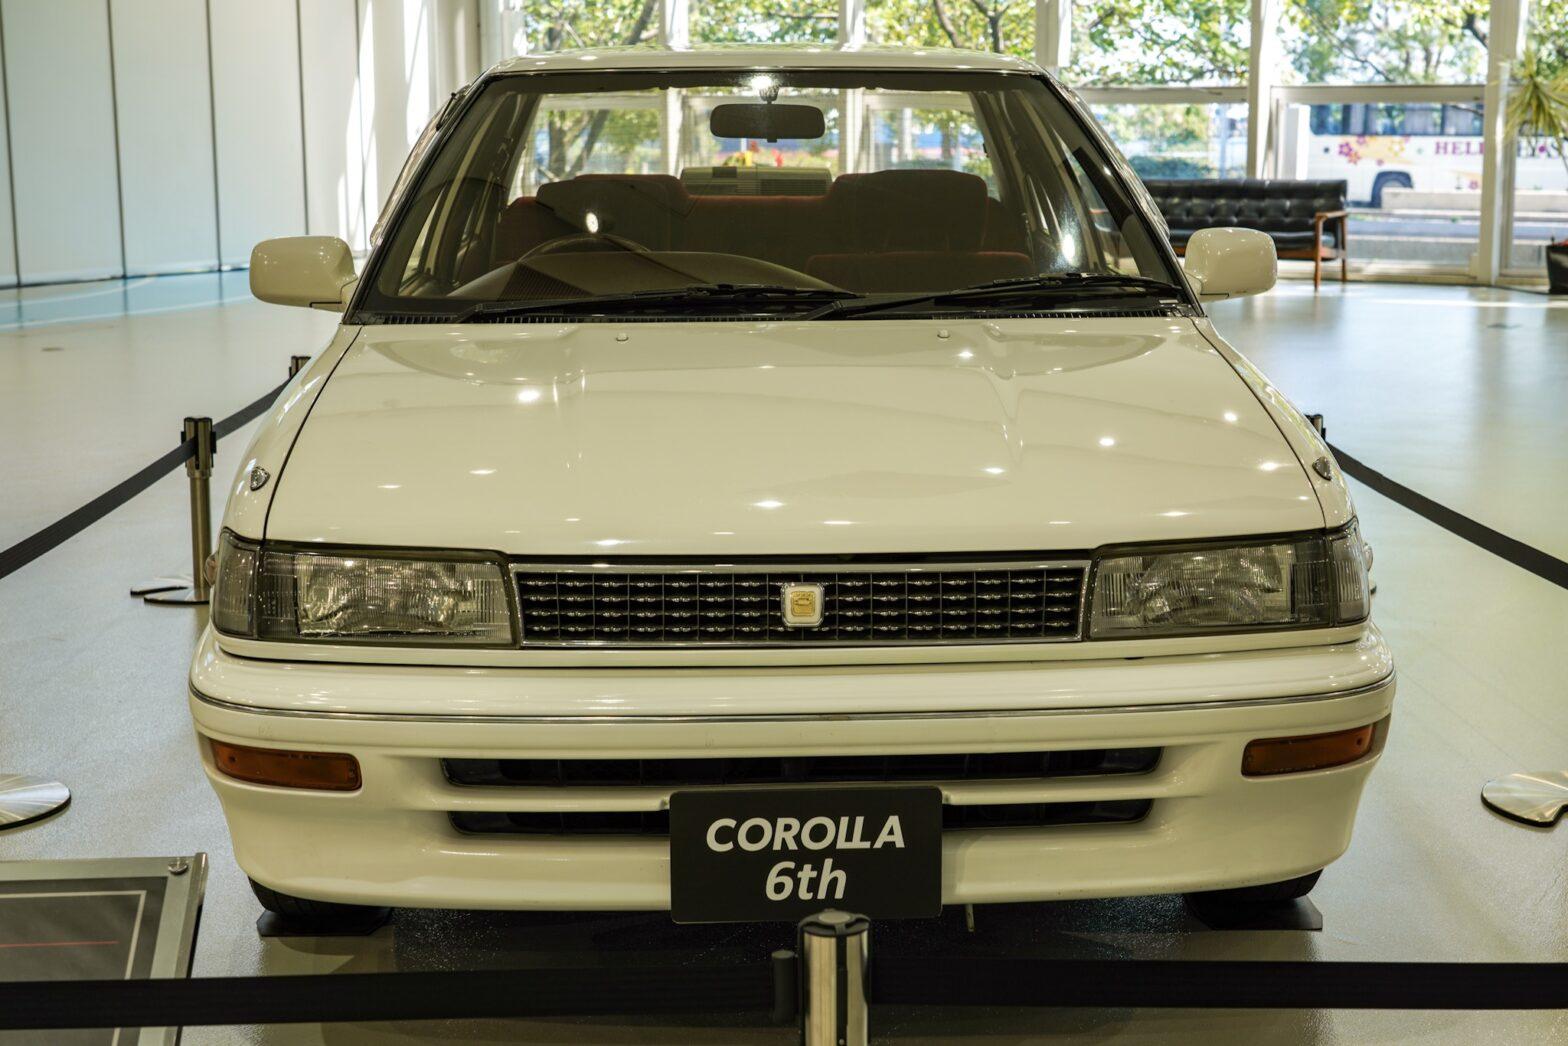 【トヨタ カローラ(90系)】ハイメカツインカム搭載!時代の潮流に乗った6代目